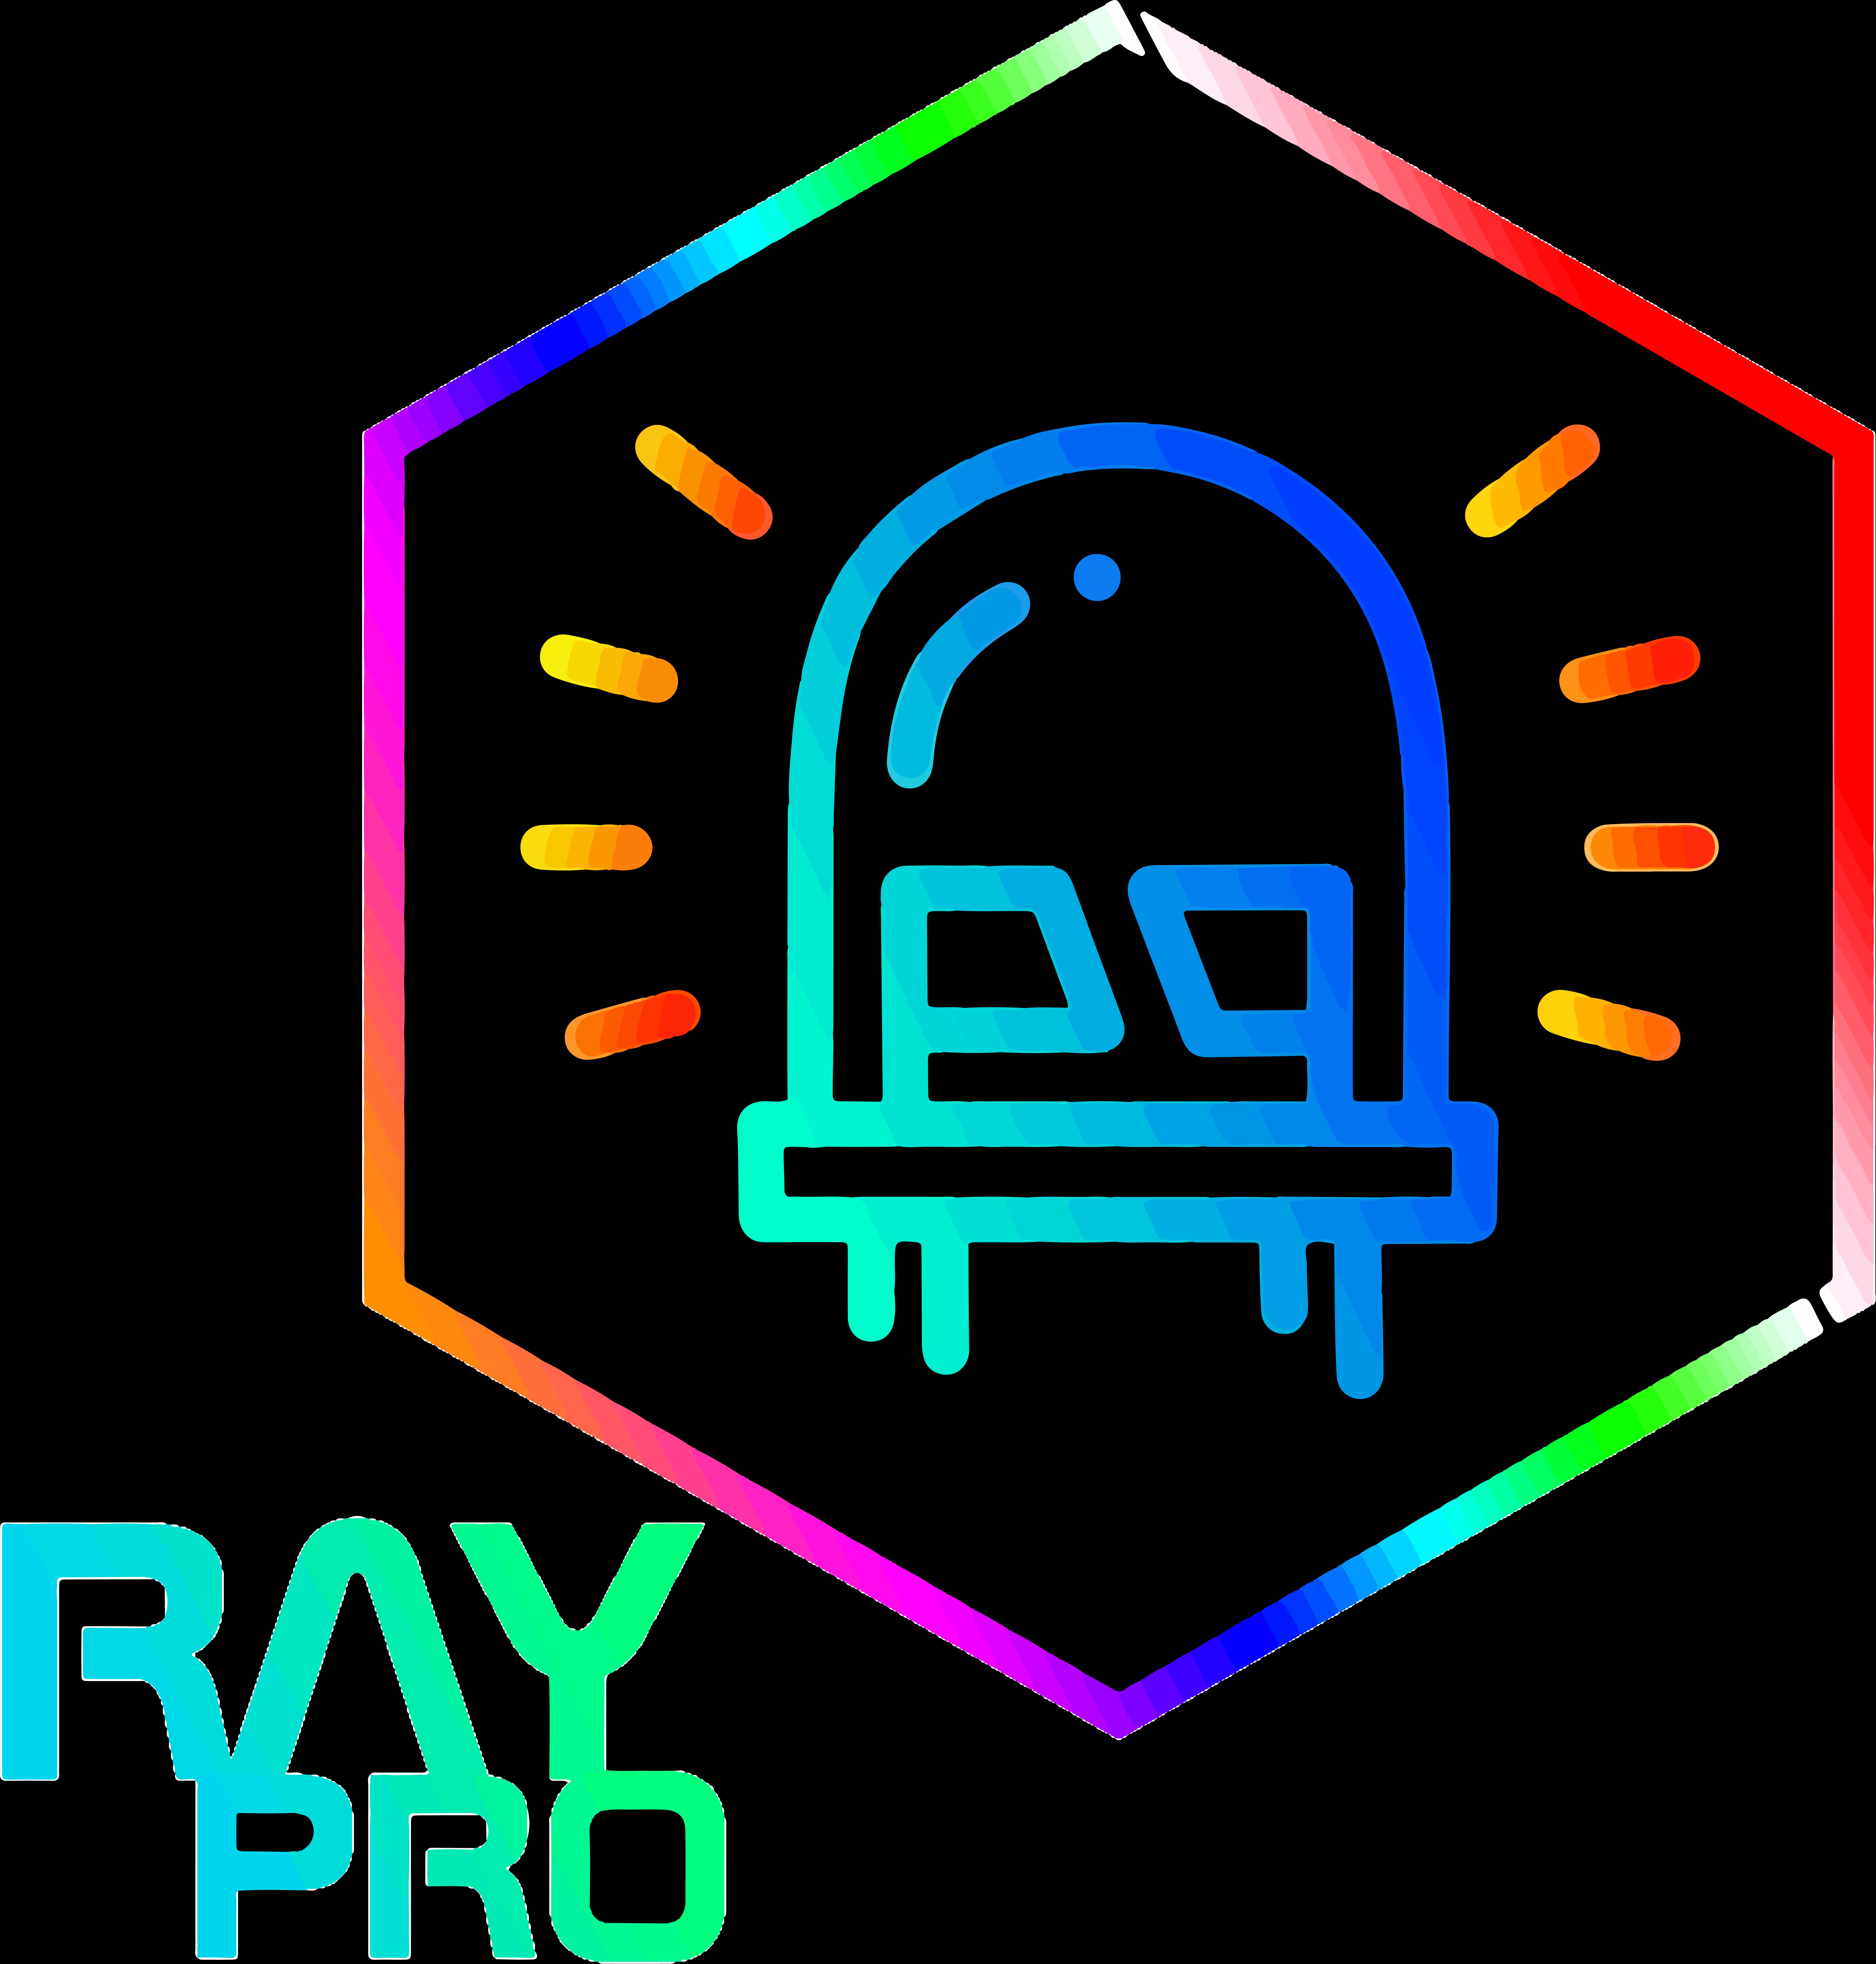 Разработка логотипа (продукт - светодиодная лента) фото f_8915bbe188229543.png